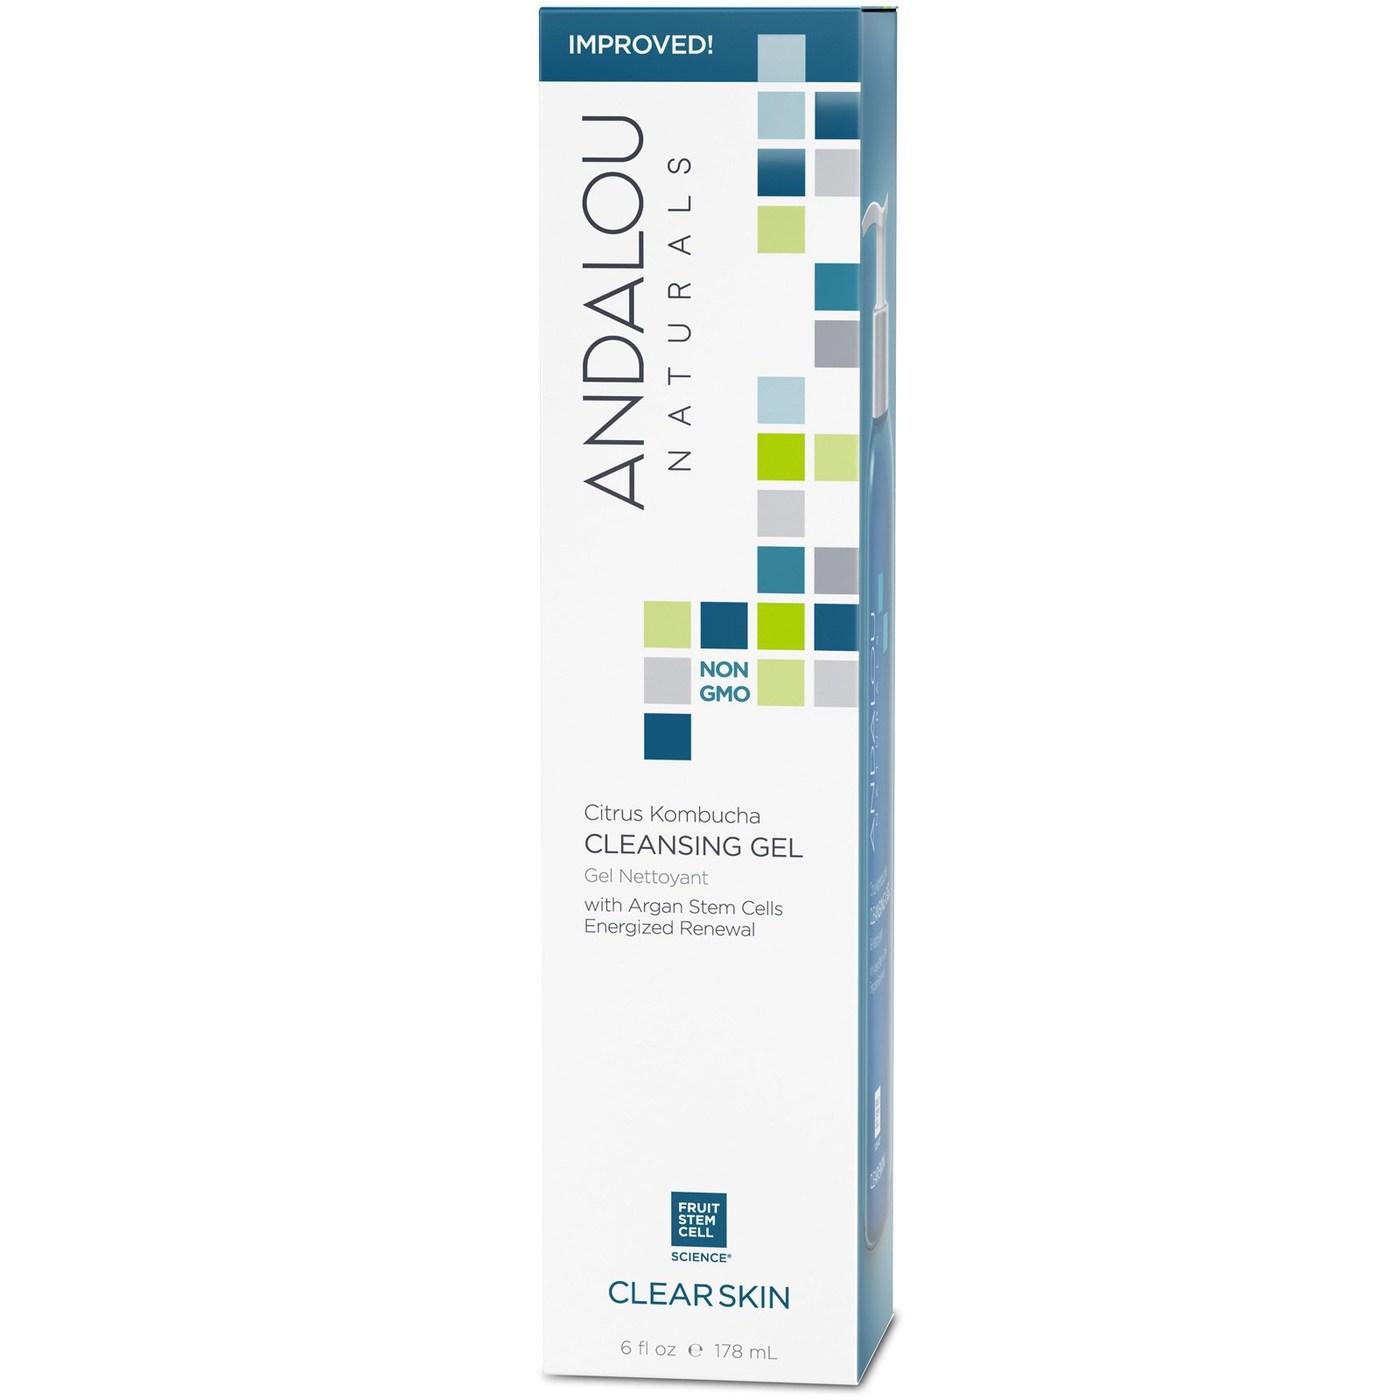 Andalou Naturals Cleansing Gel Clear Skin Citrus